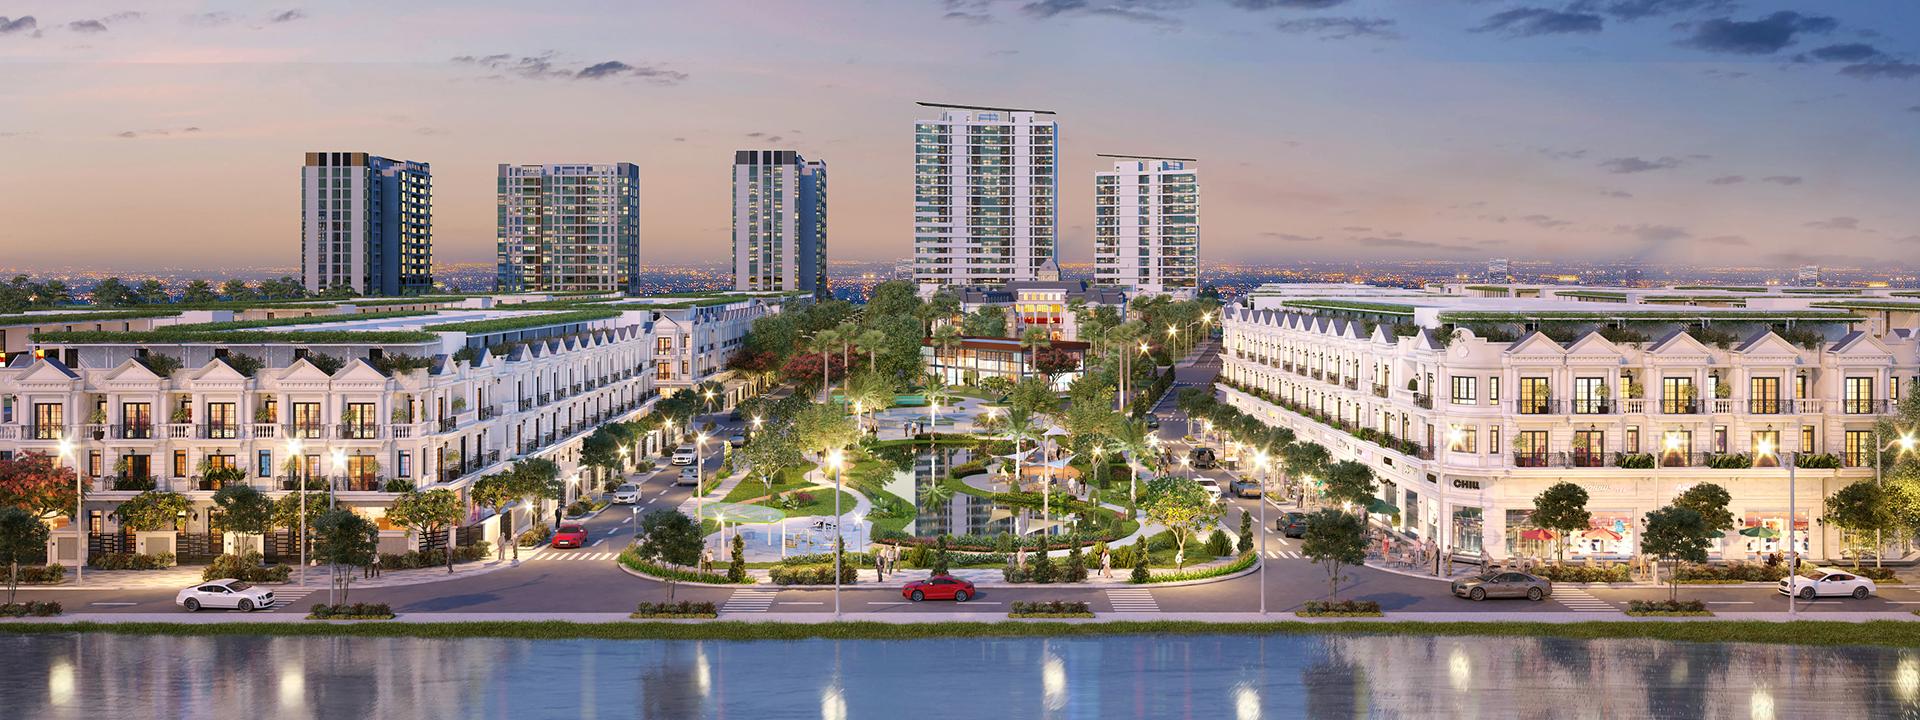 Các dự án bất động sản nhà đất, nhà phố, căn hộ chung cư mới nhất